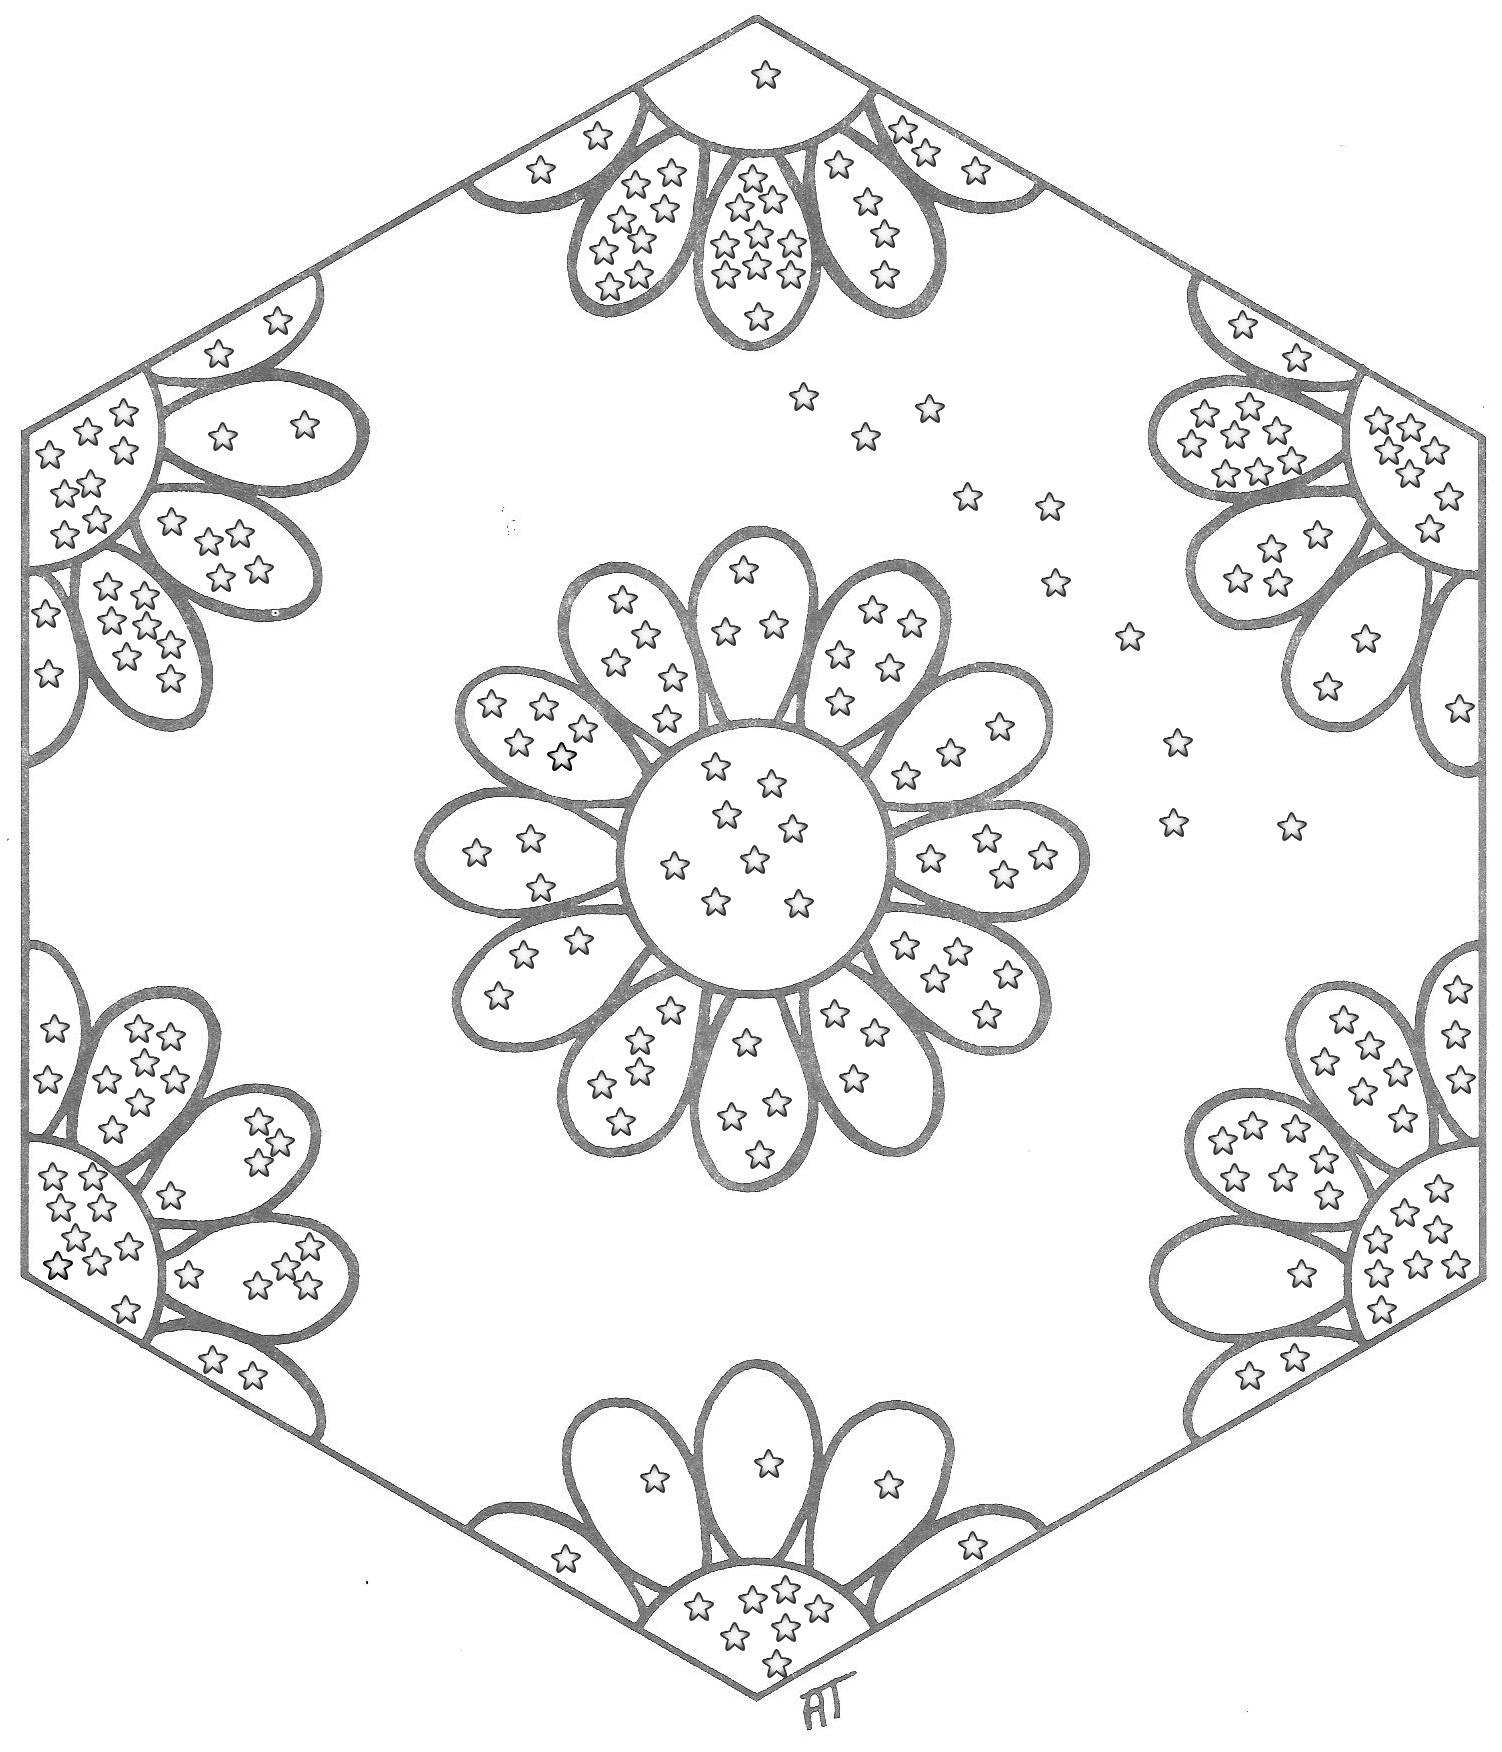 Coloriage Magique Constellation Du Dé destiné Coloriages Codés Gs